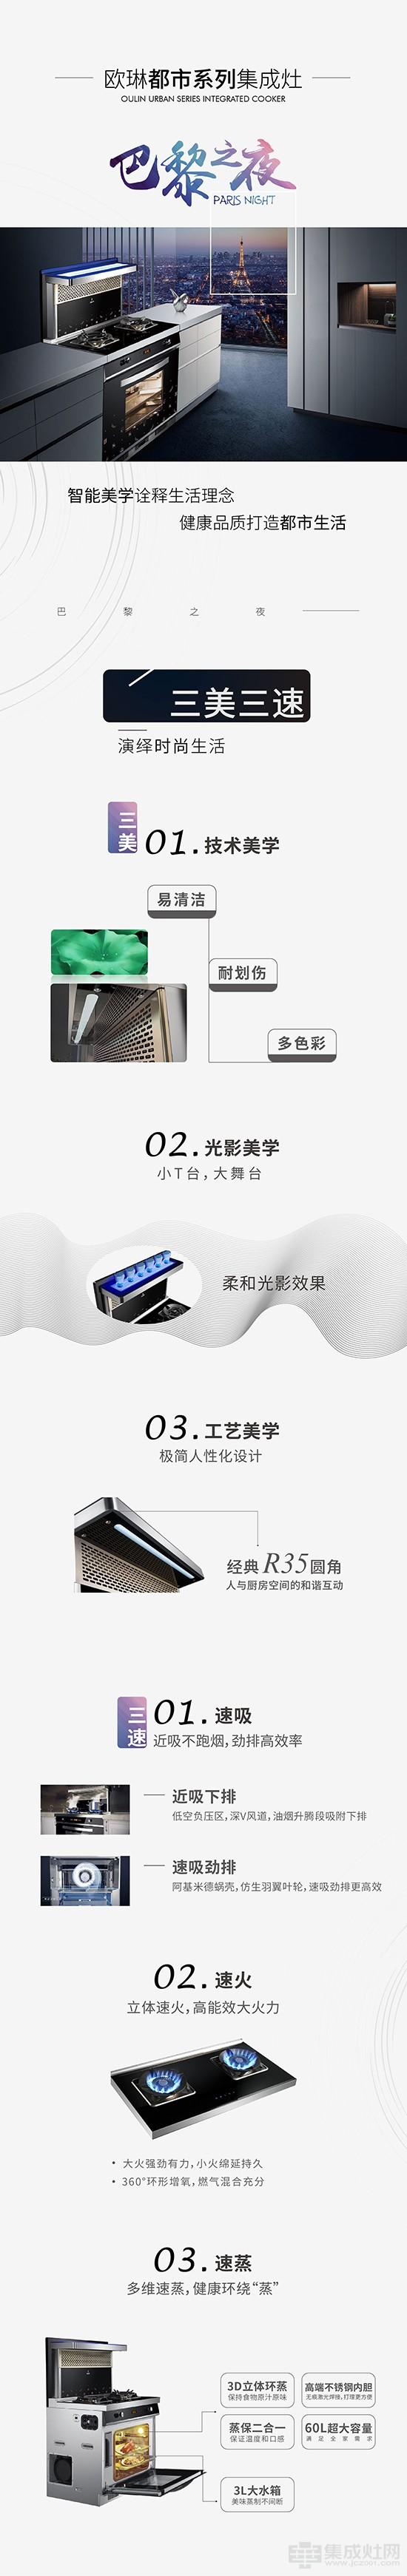 QQ图片20180719085232